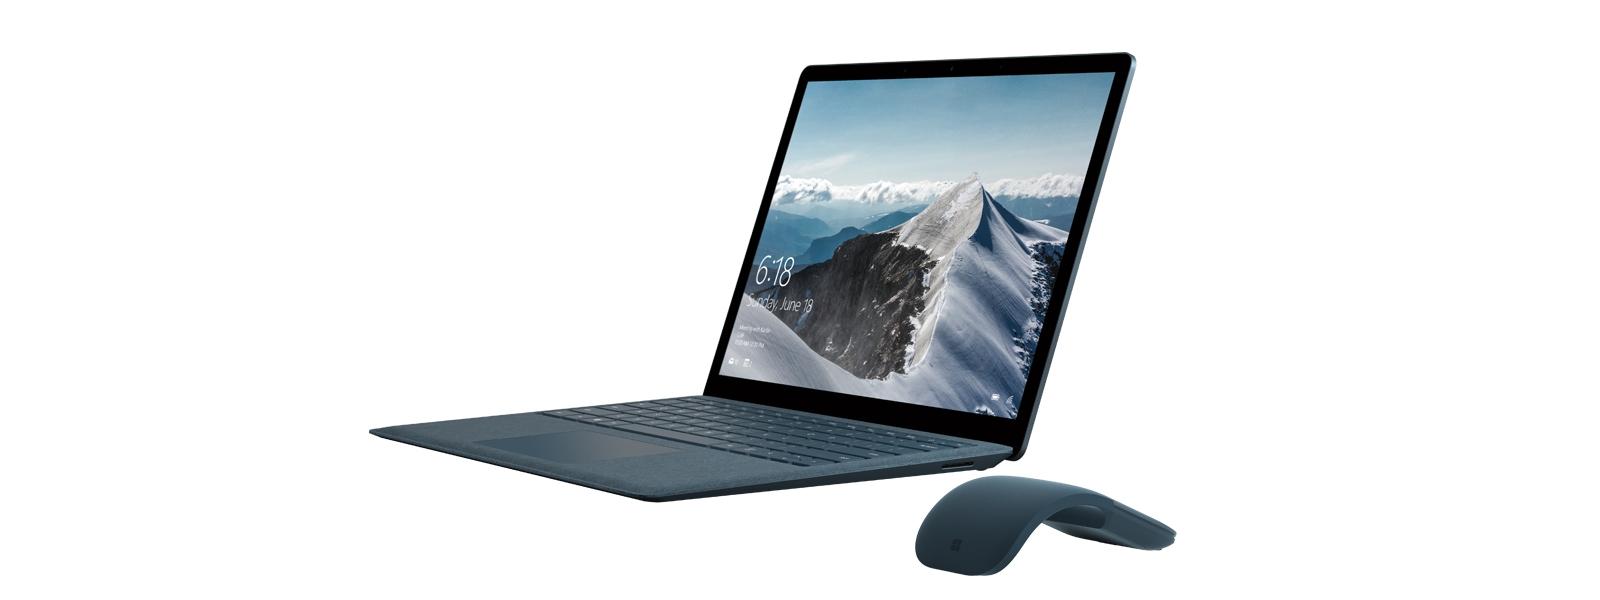 Koboltblå Surface Laptop set fra en vinkel med et sneklædt bjerg på skærmen og en Koboltblå Arc Touch Mouse ved siden af.